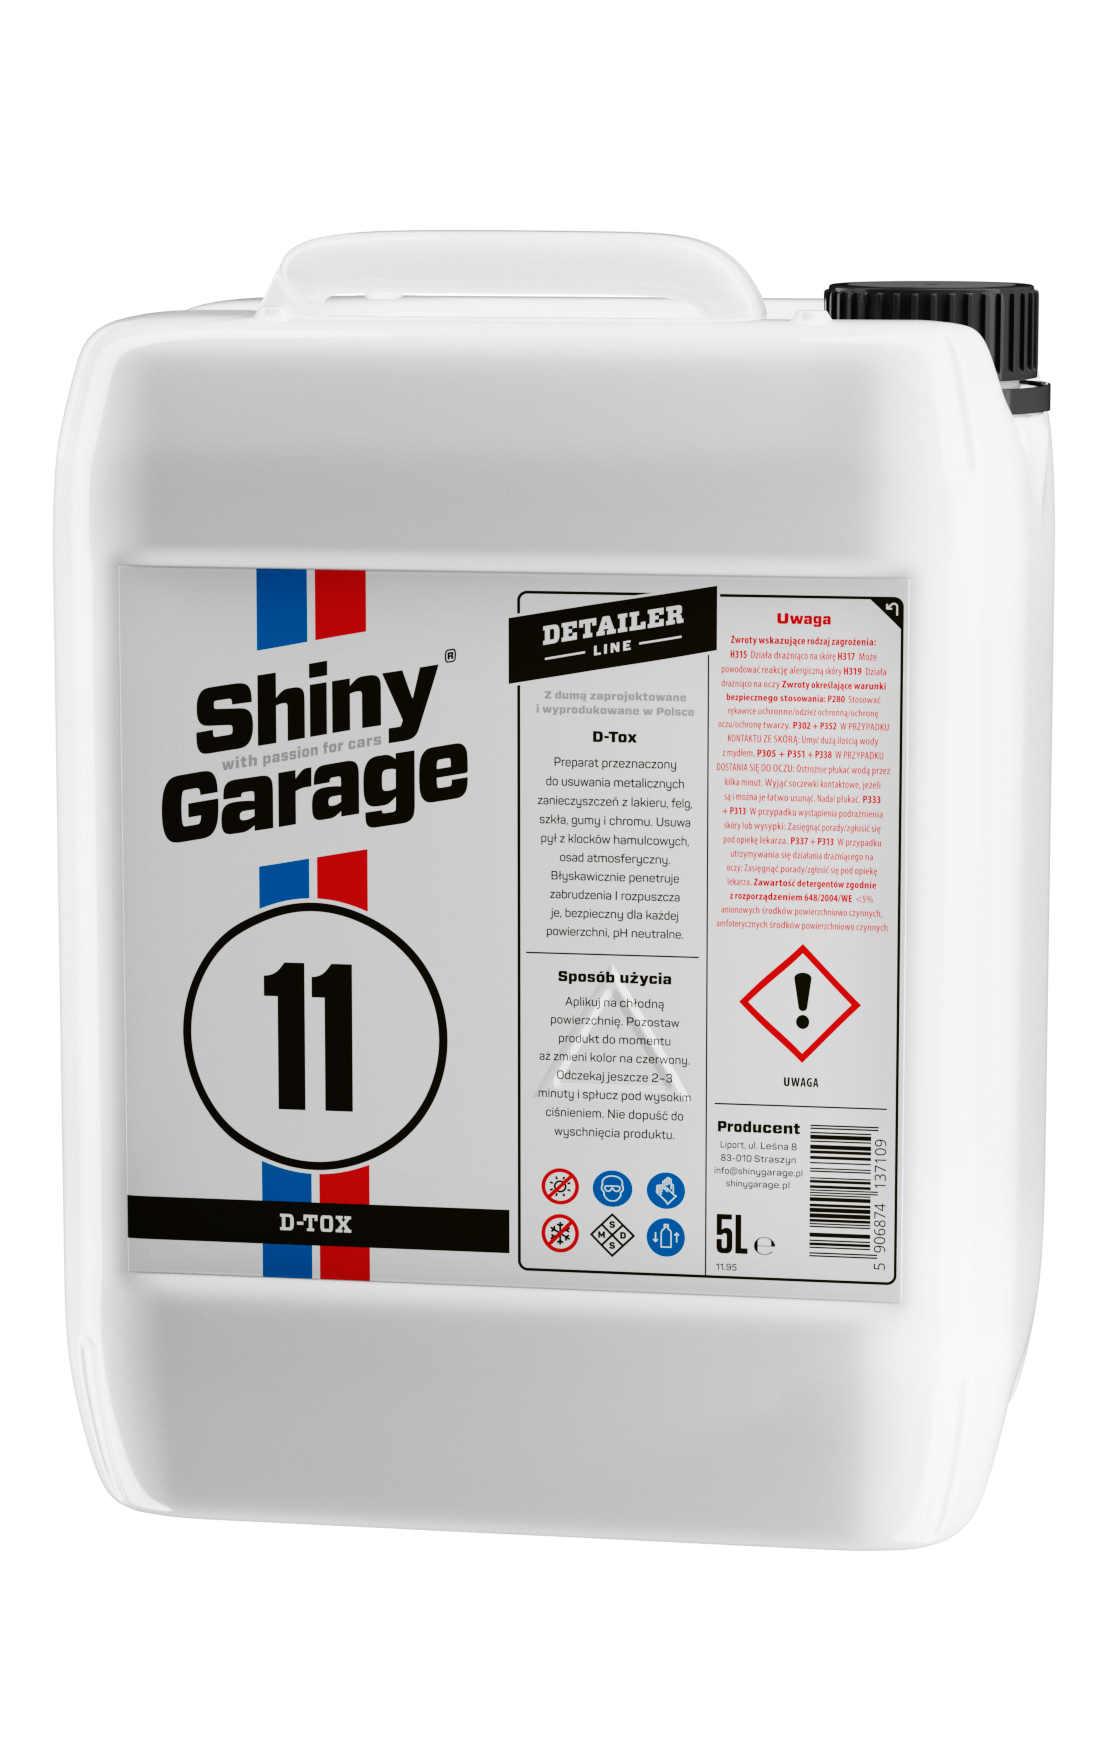 Shiny Garage D-Tox 5L Krwawa felga